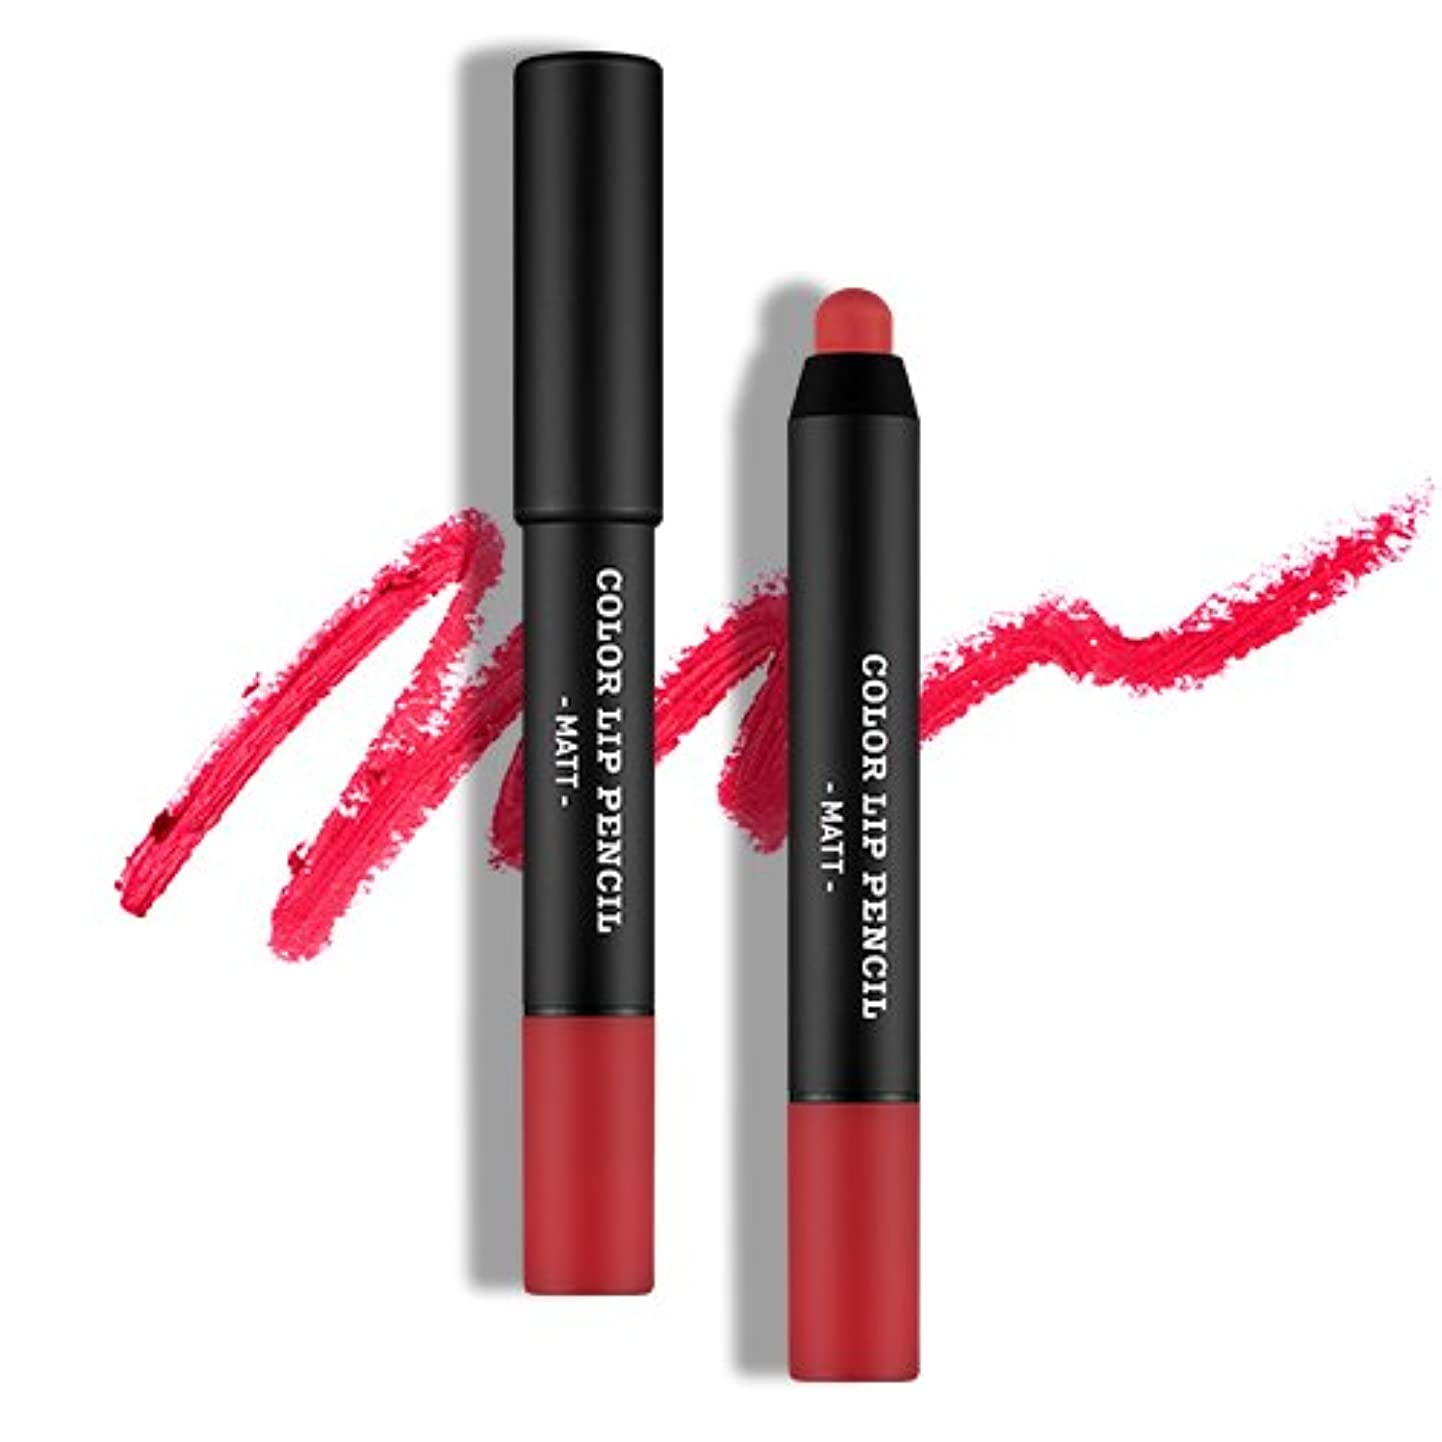 発火する戻す取る[韓国コスメ Apieu] [オピュ] カラーリップペンシル(マット) [Apieu] Color Lip Pencil(Matt) (RD03) [並行輸入品]